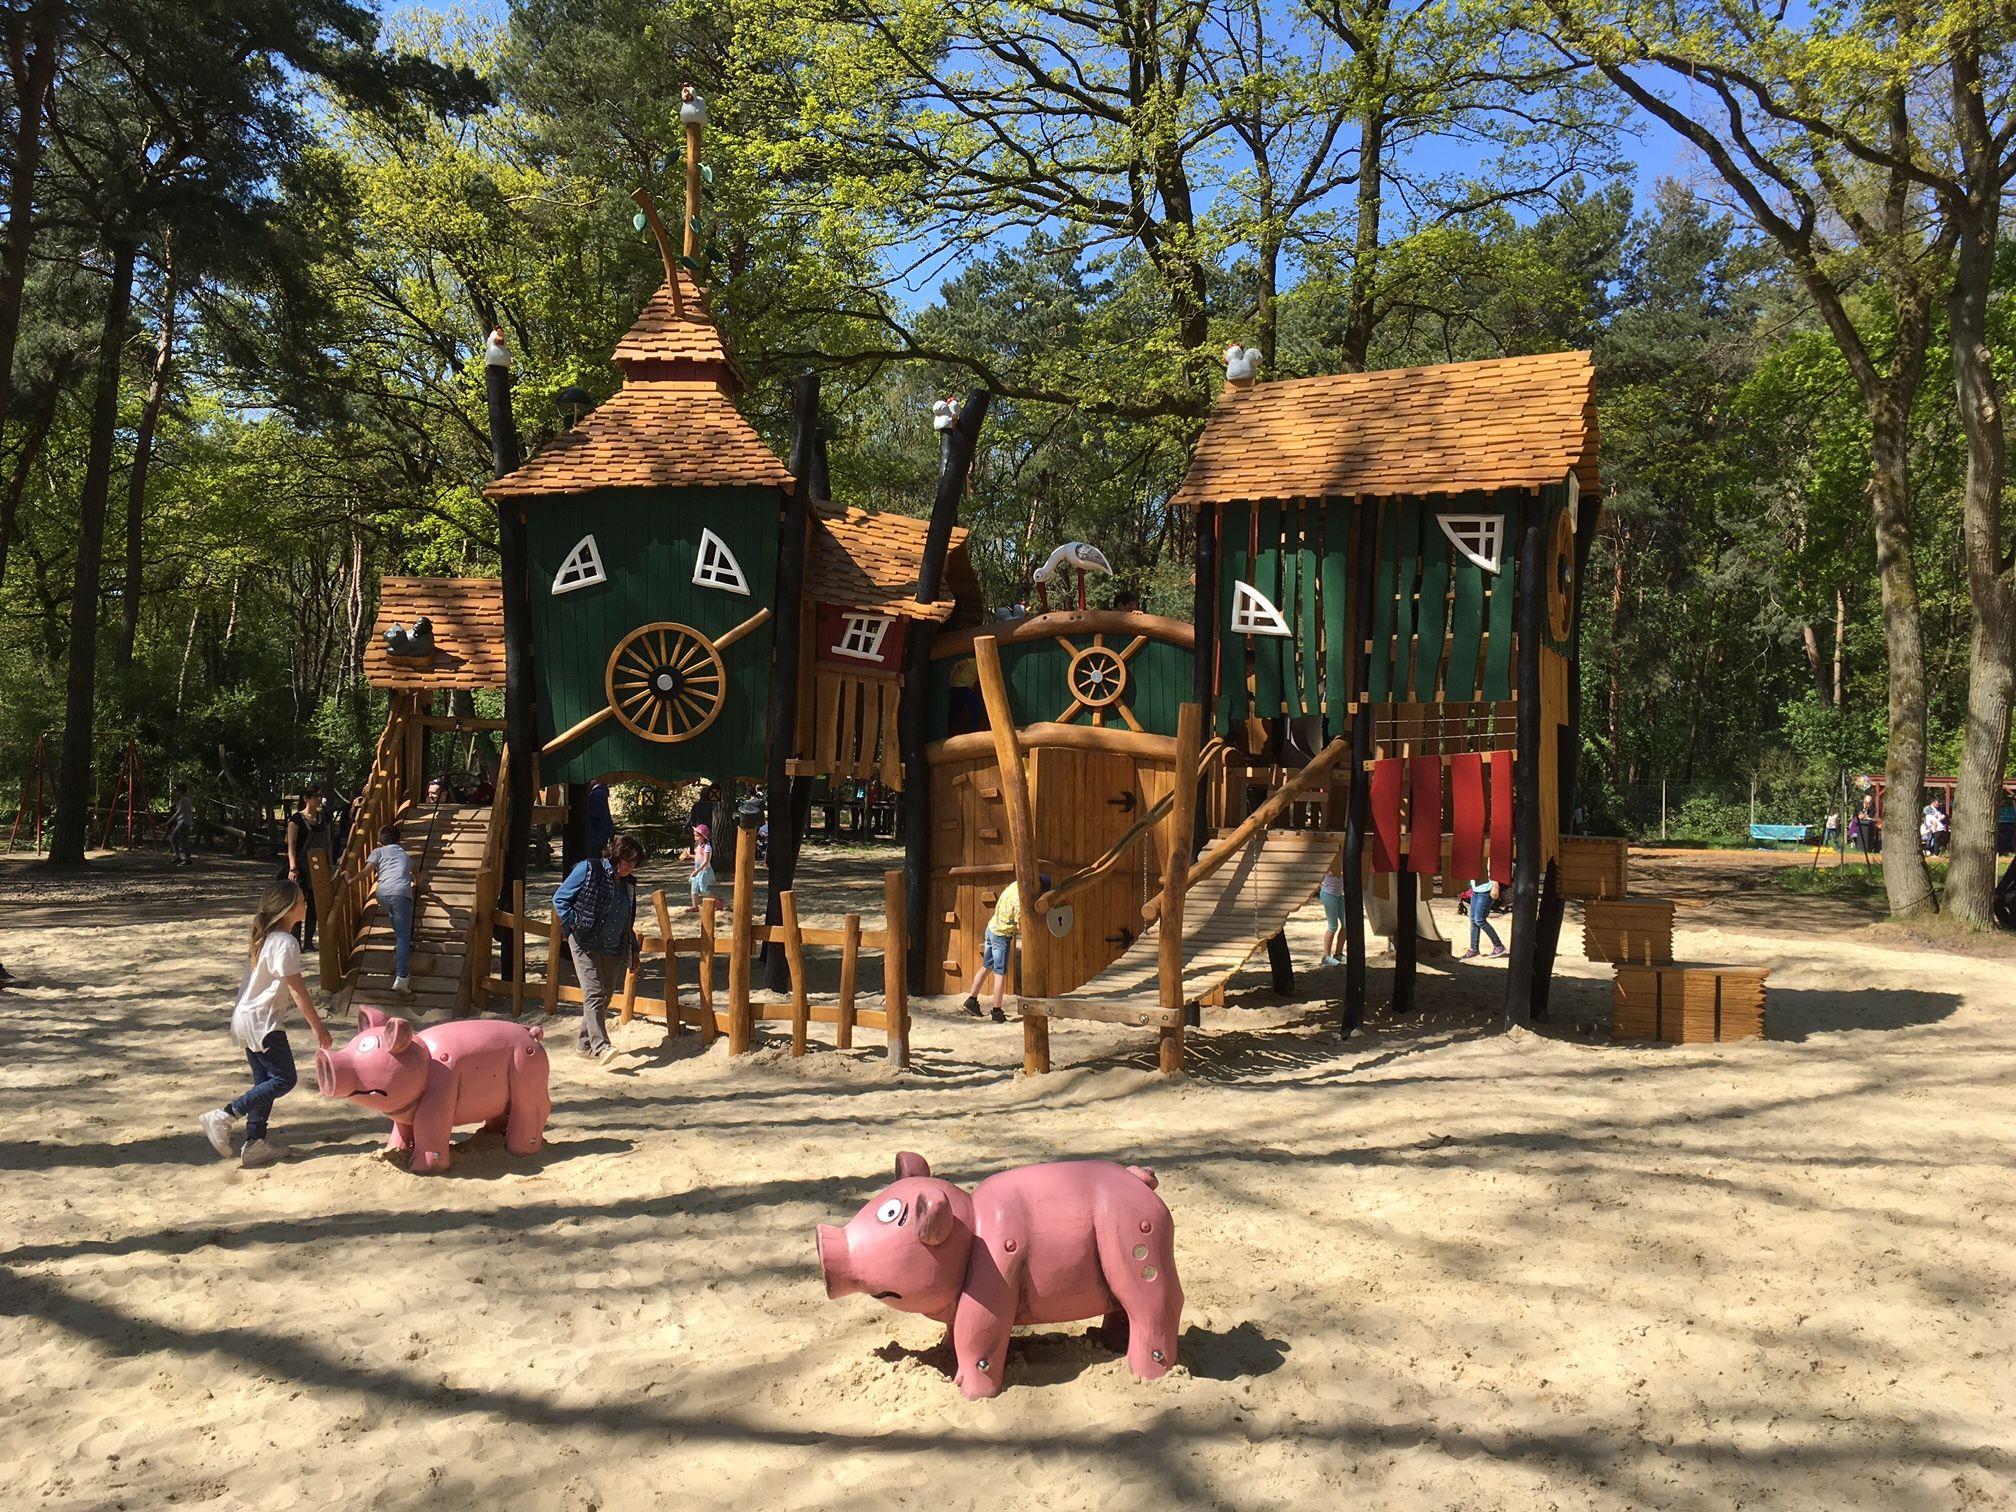 Eintritt in den Natur und Tierpark 41379 Brüggen